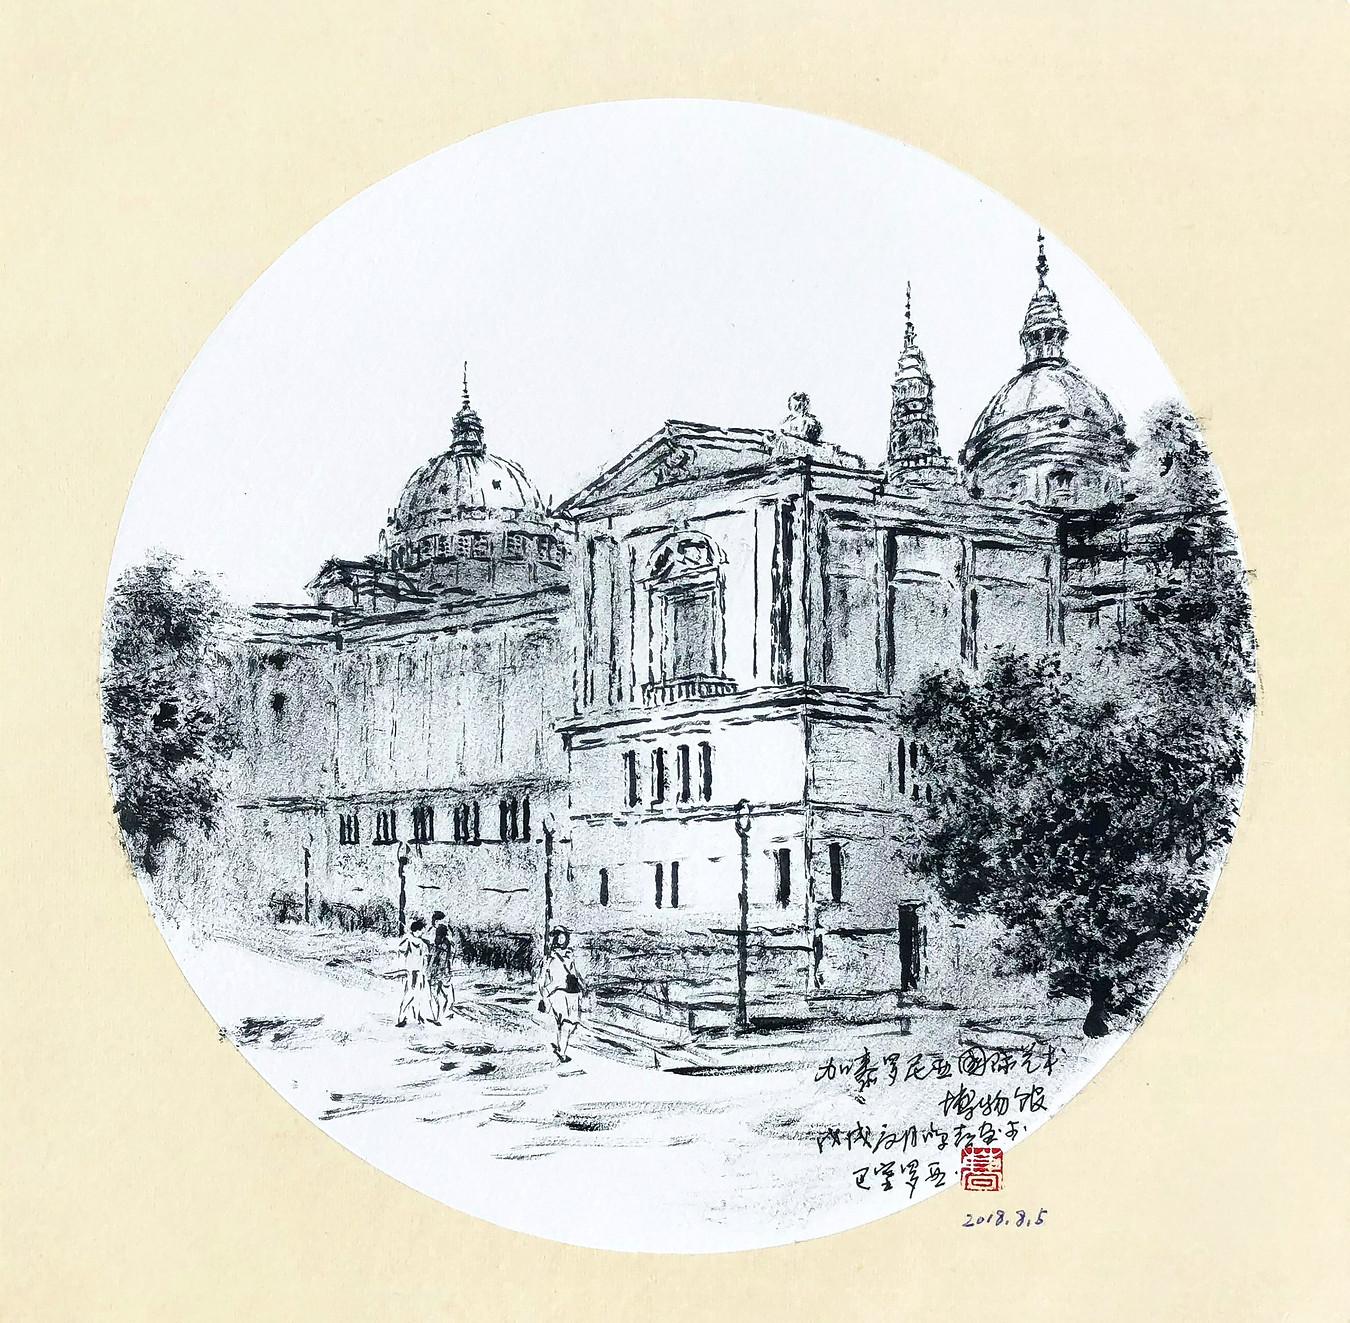 《西班牙·巴塞罗那·加泰罗尼亚国际艺术博物馆(局部)》33×33cm 纸本水墨 团扇 写意欧洲风情 2018年08月05日